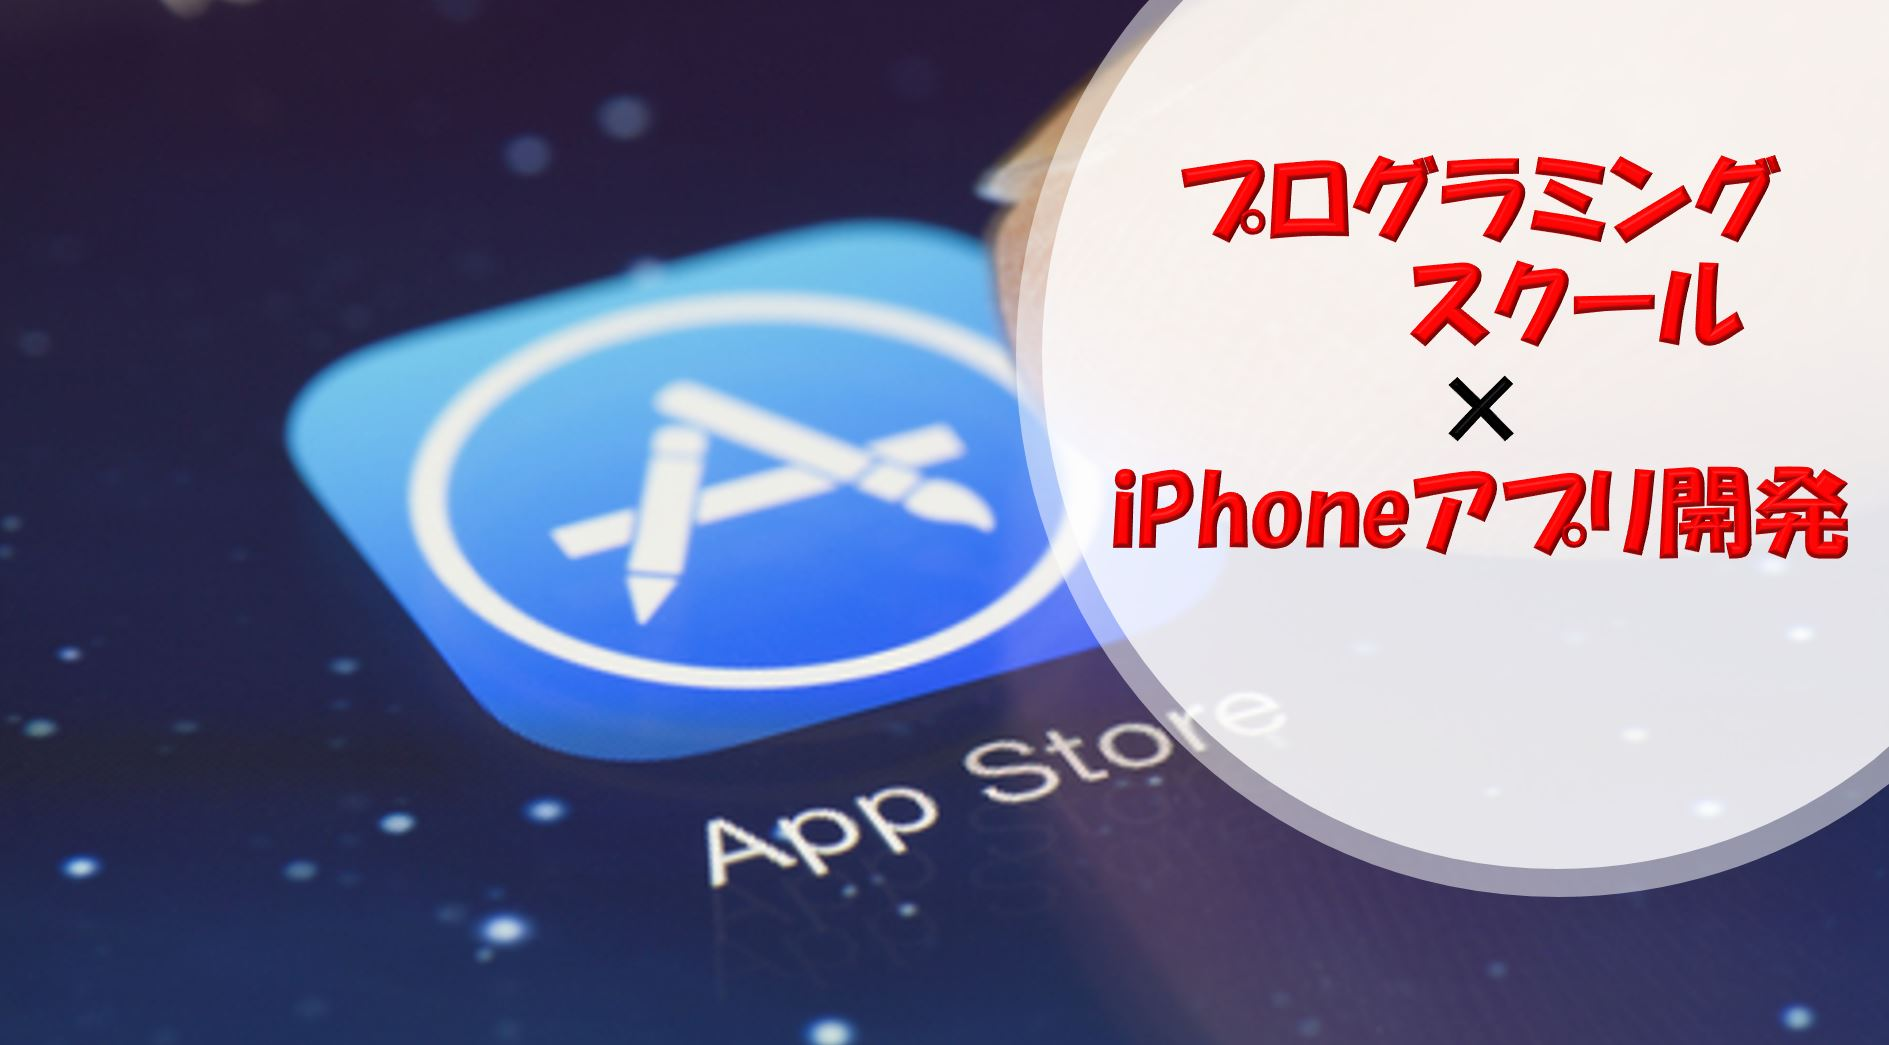 プログラミングスクールでiphoneアプリを開発するための言語